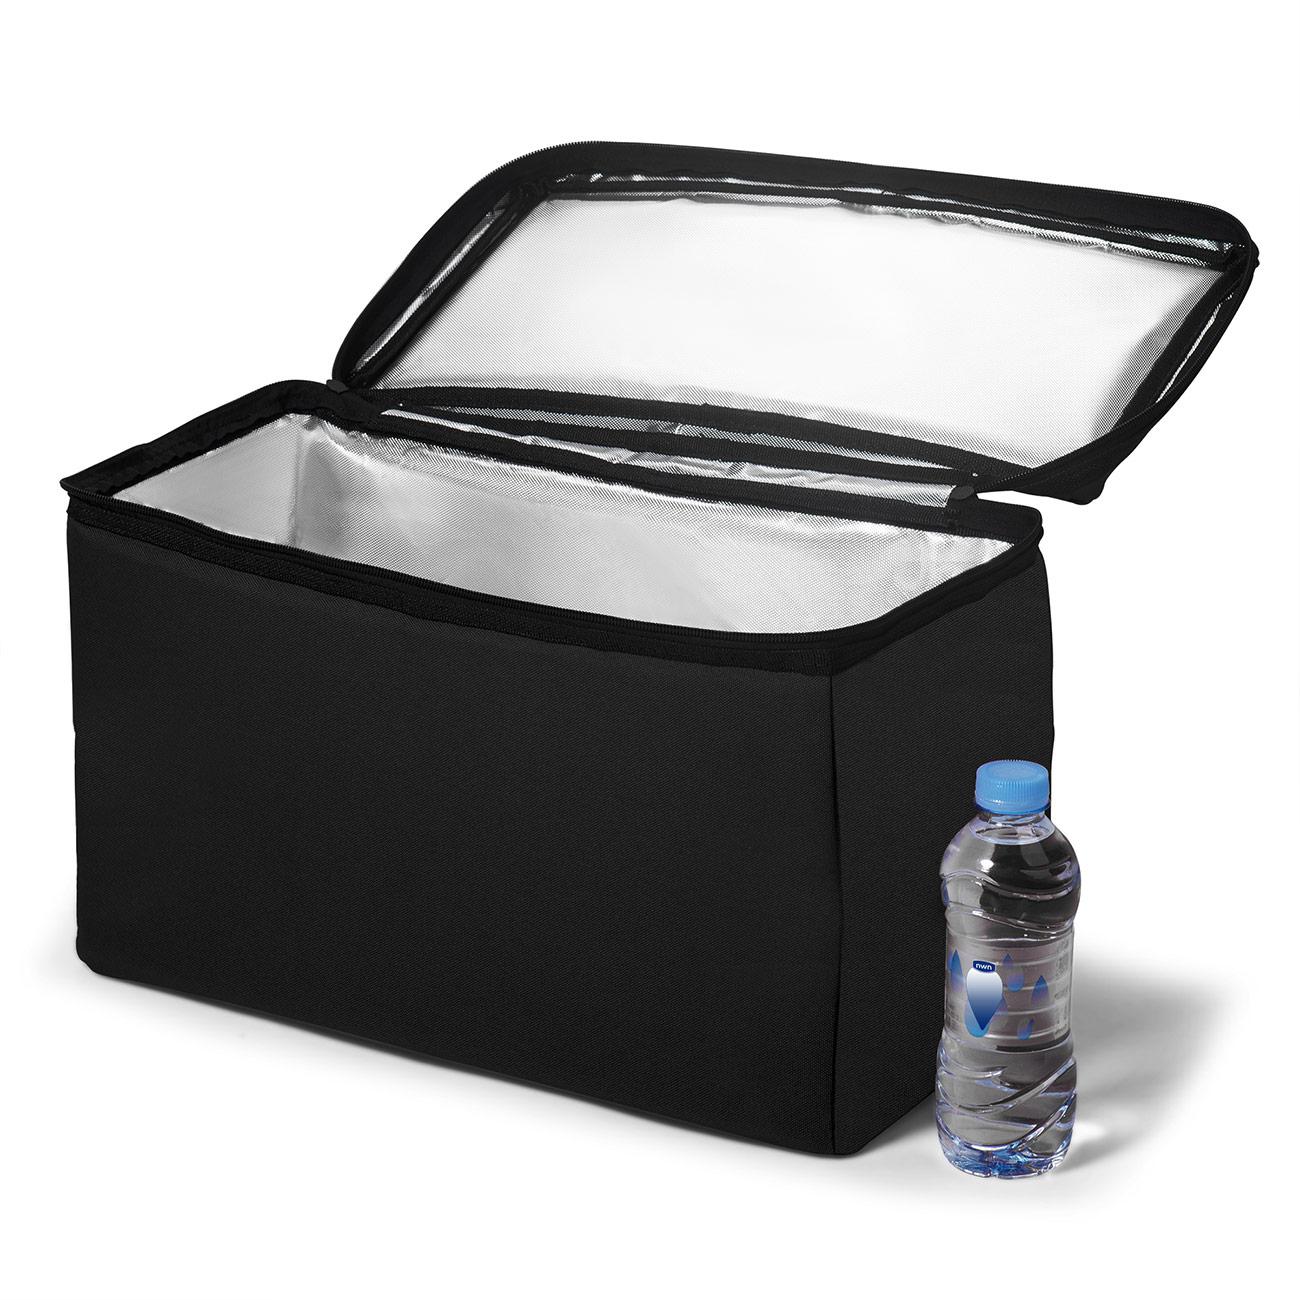 Kühltasche Für Bollerwagen Offroad Faltbar Kühlbox Isoliertasche Schwarz SAMAX